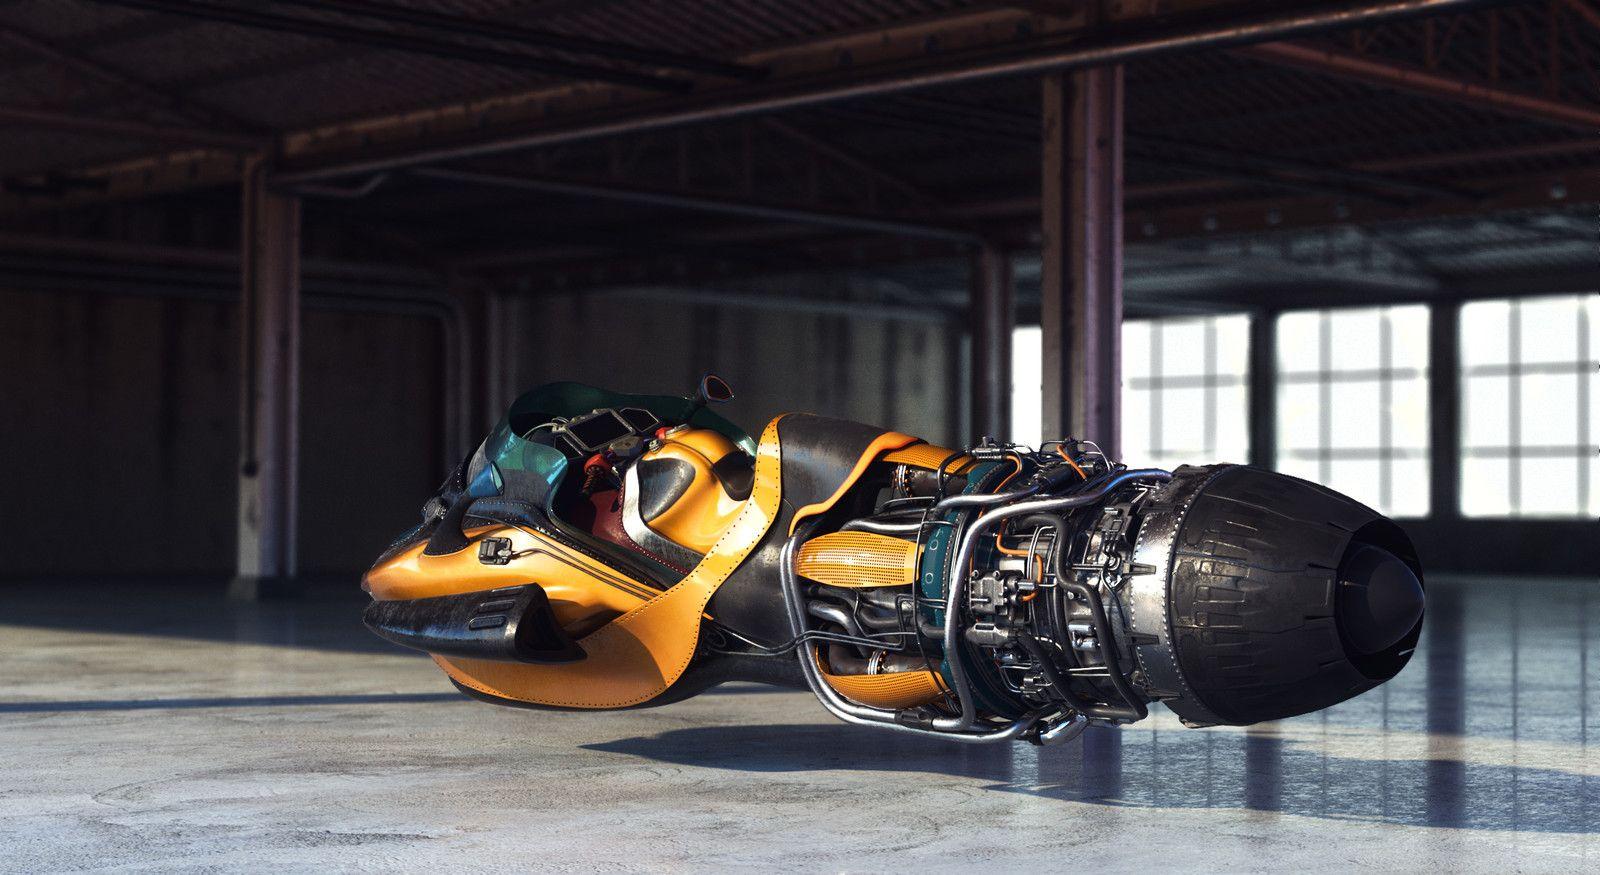 основных летающий мотоцикл картинка появлении аметиста земле